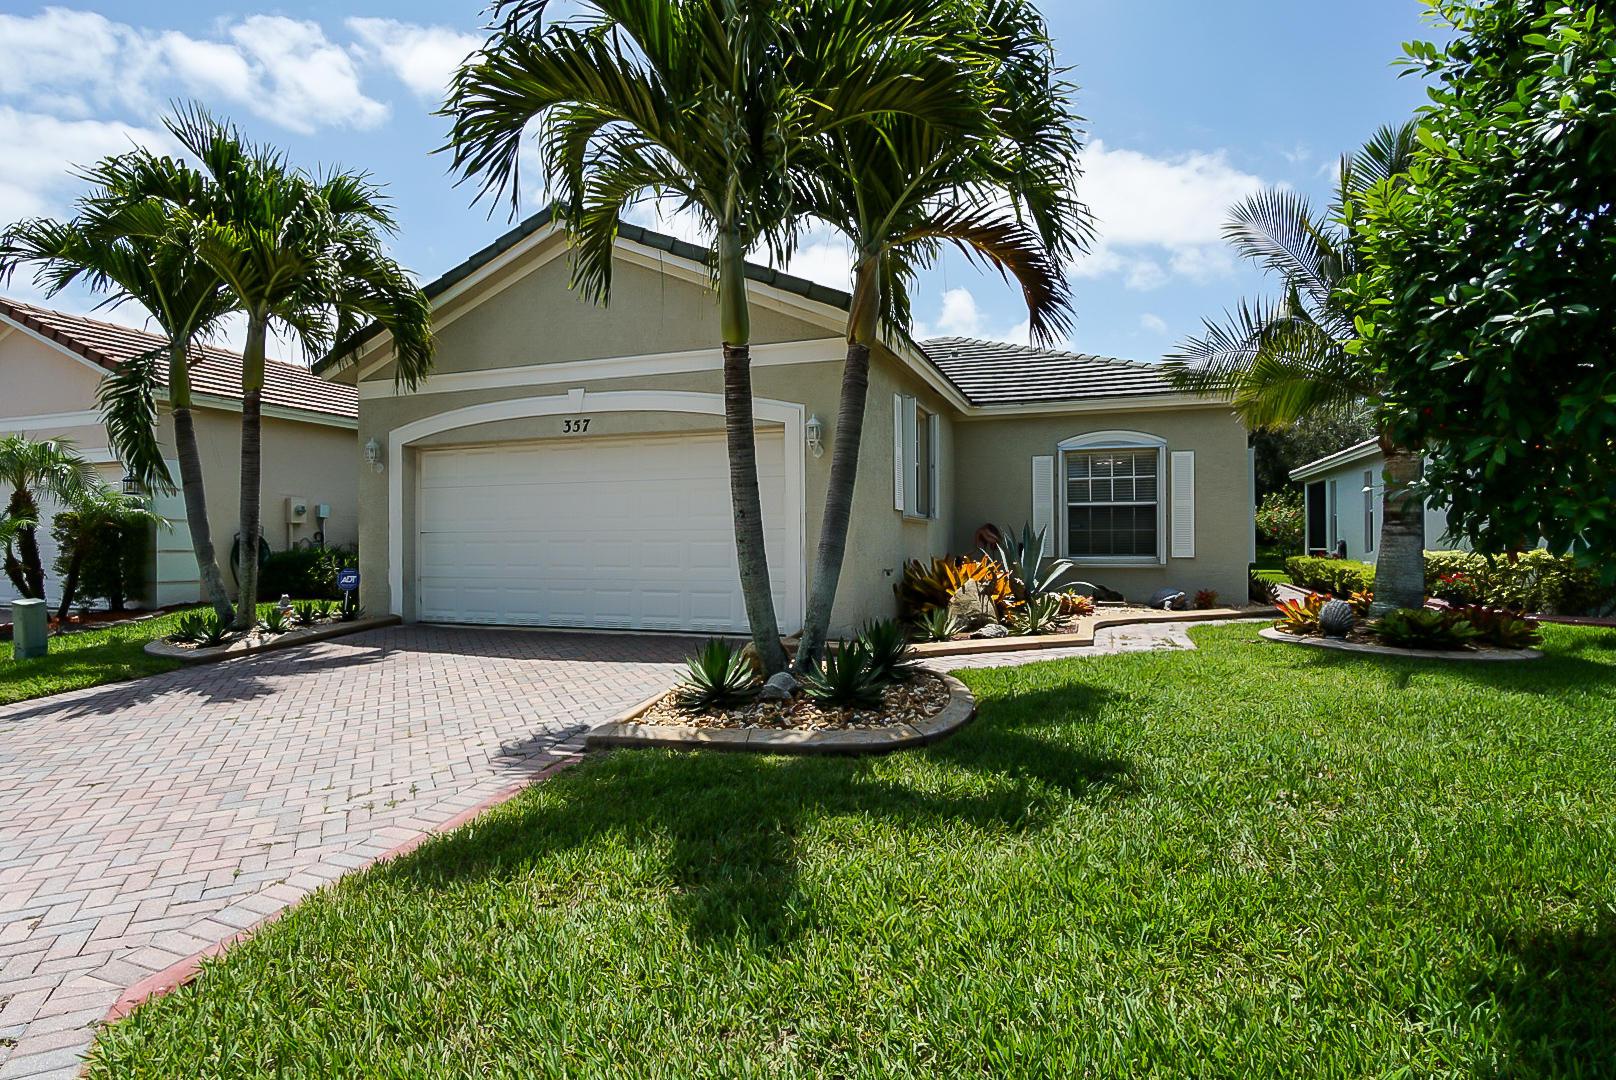 357 Sw Coconut Key Way, Saint Lucie West, FL 34986